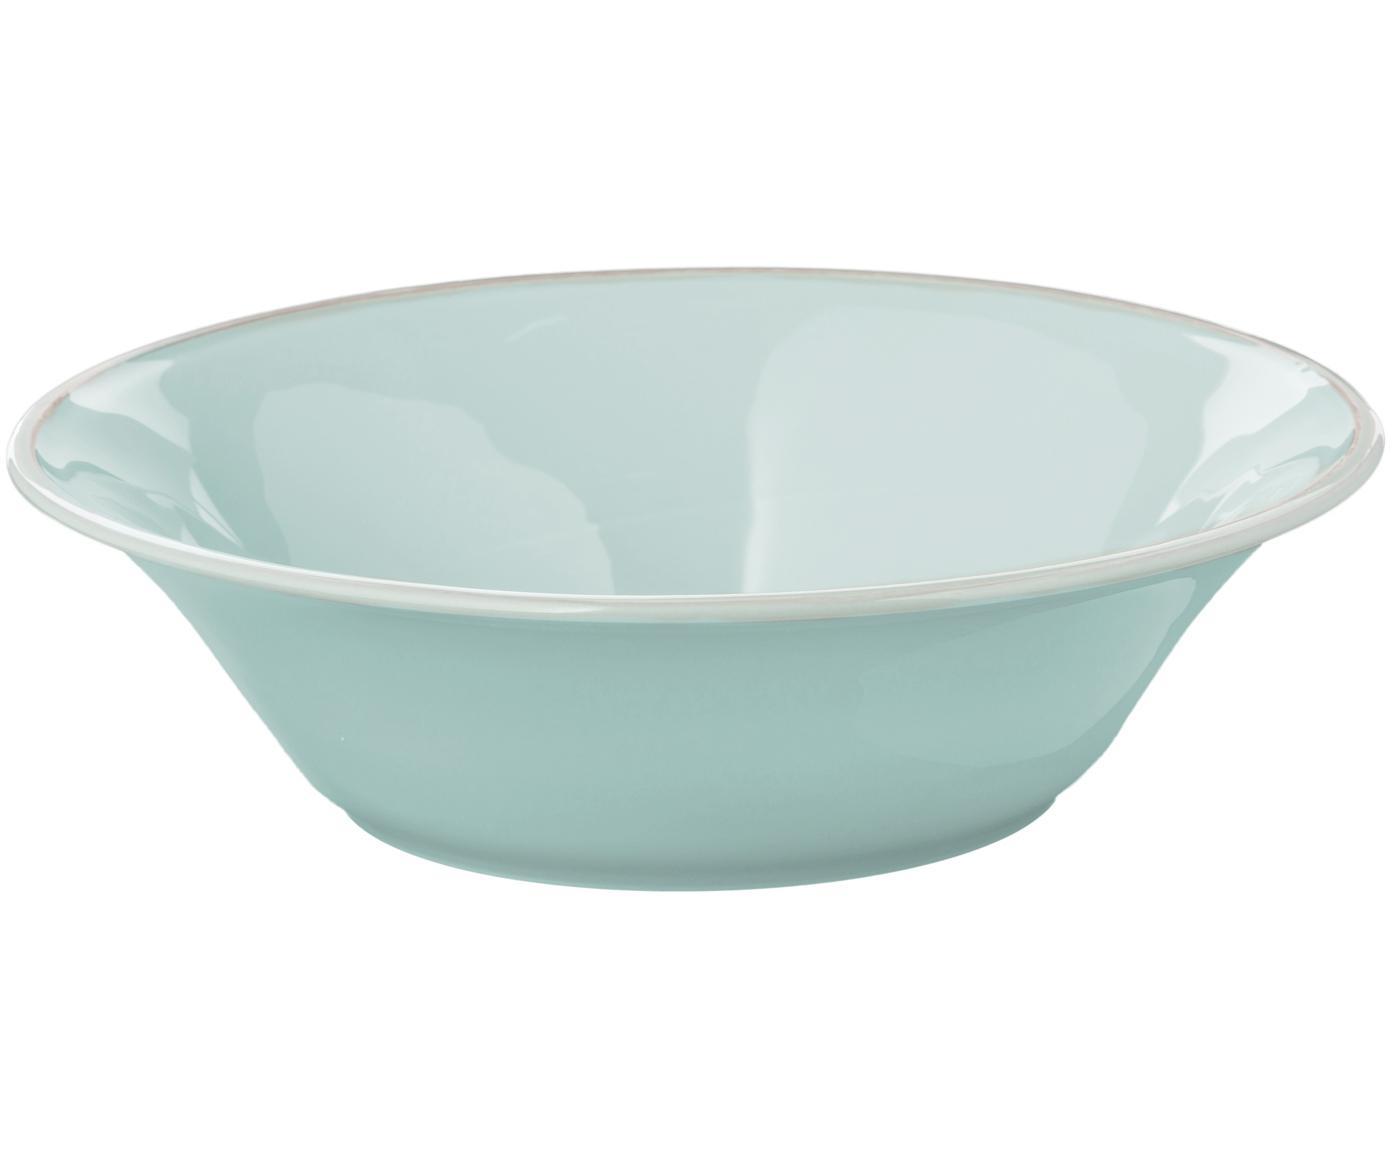 Insalatiera in menta Constance, Ceramica, Verde menta, Ø 30 x A 9 cm